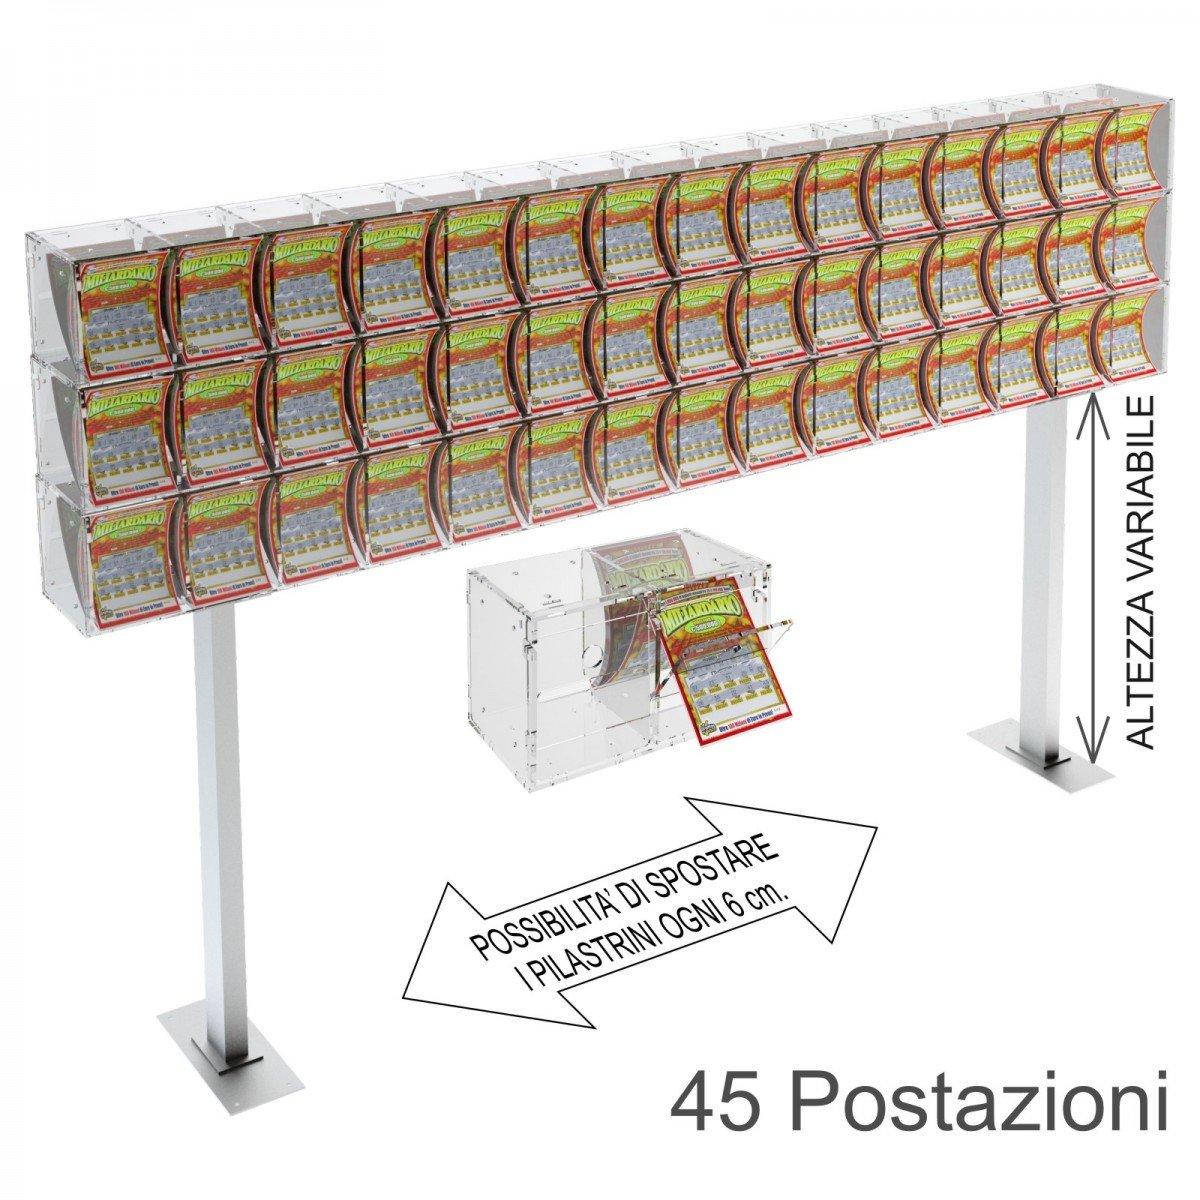 Espositore gratta e vinci da banco in plexiglass trasparente a 45 contenitori munito di sportellino frontale lato rivenditore